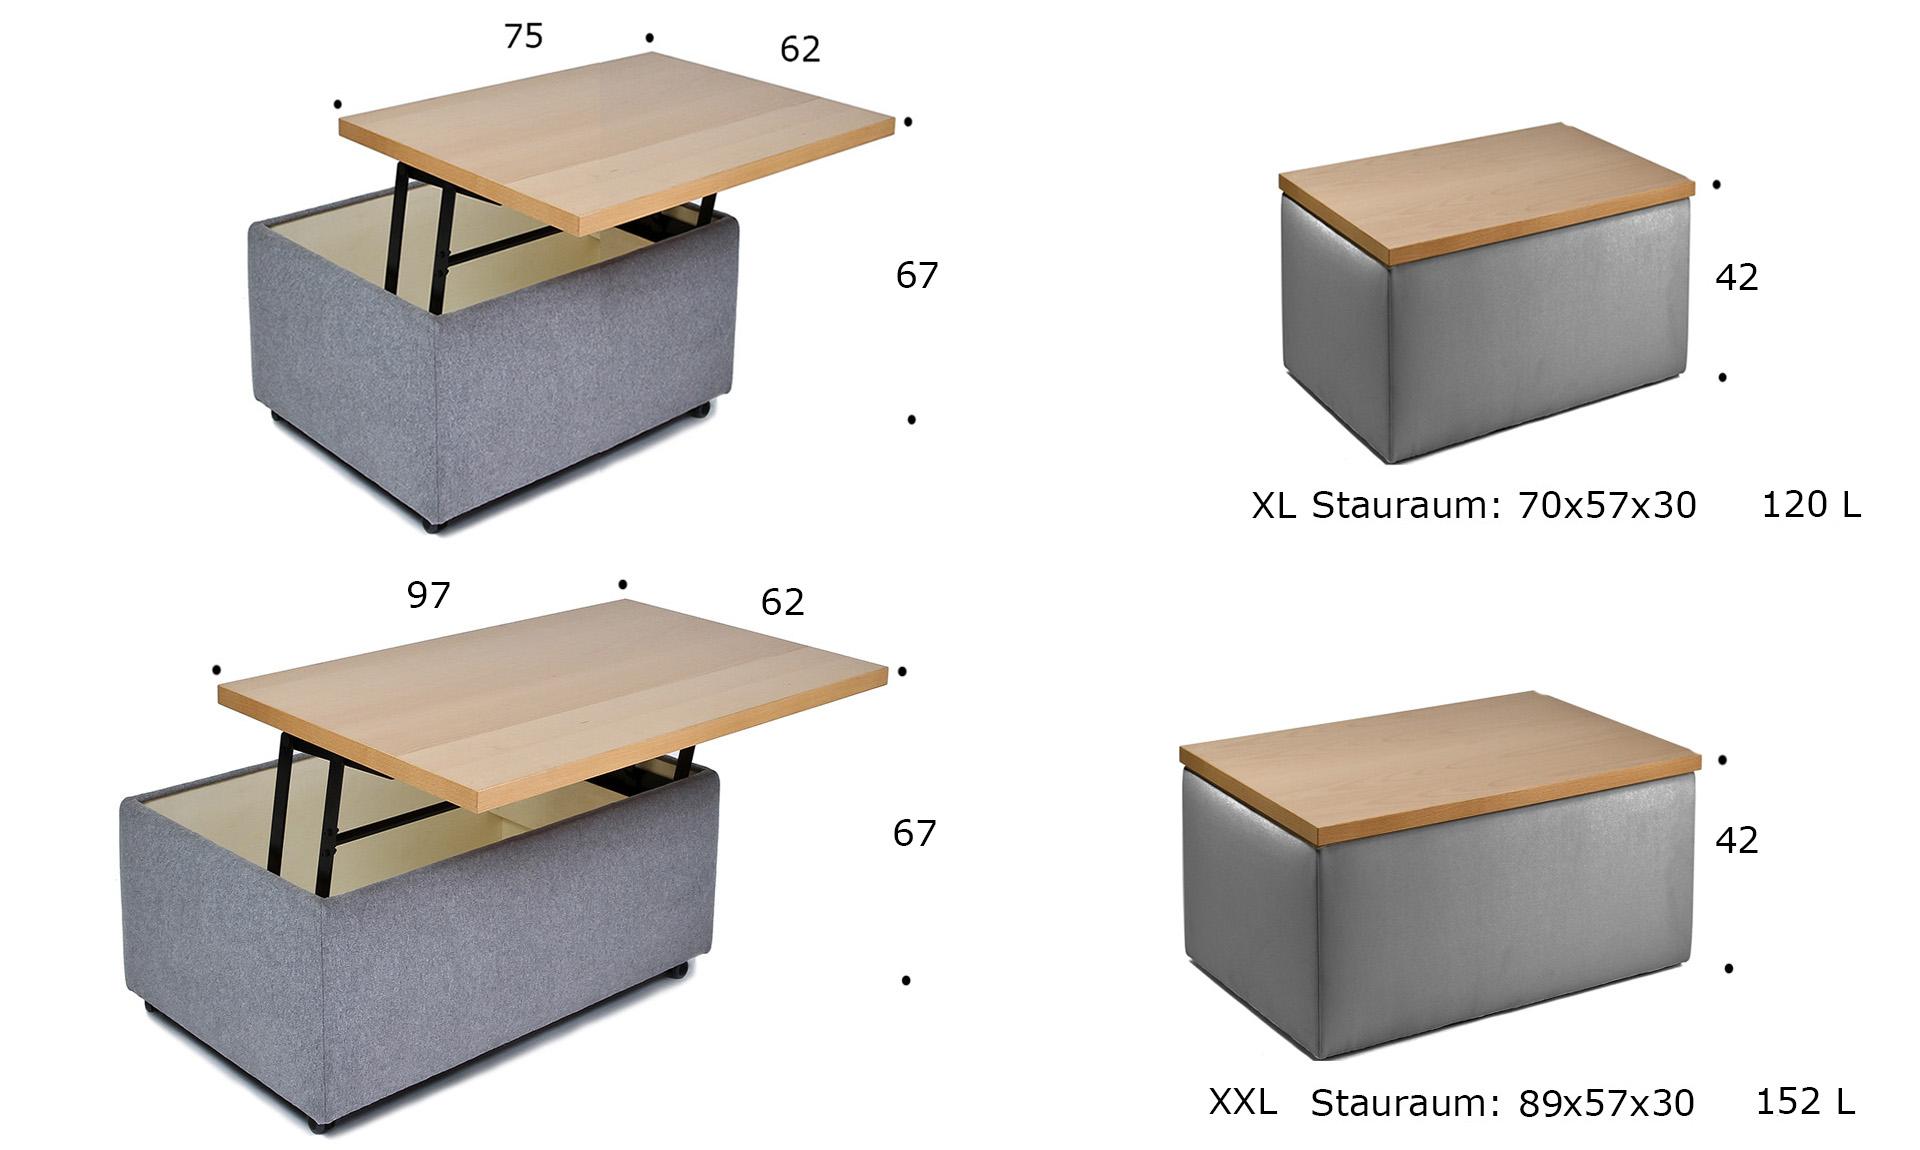 hockertisch mit kleinen rollen direkt beim hersteller kaufen. Black Bedroom Furniture Sets. Home Design Ideas